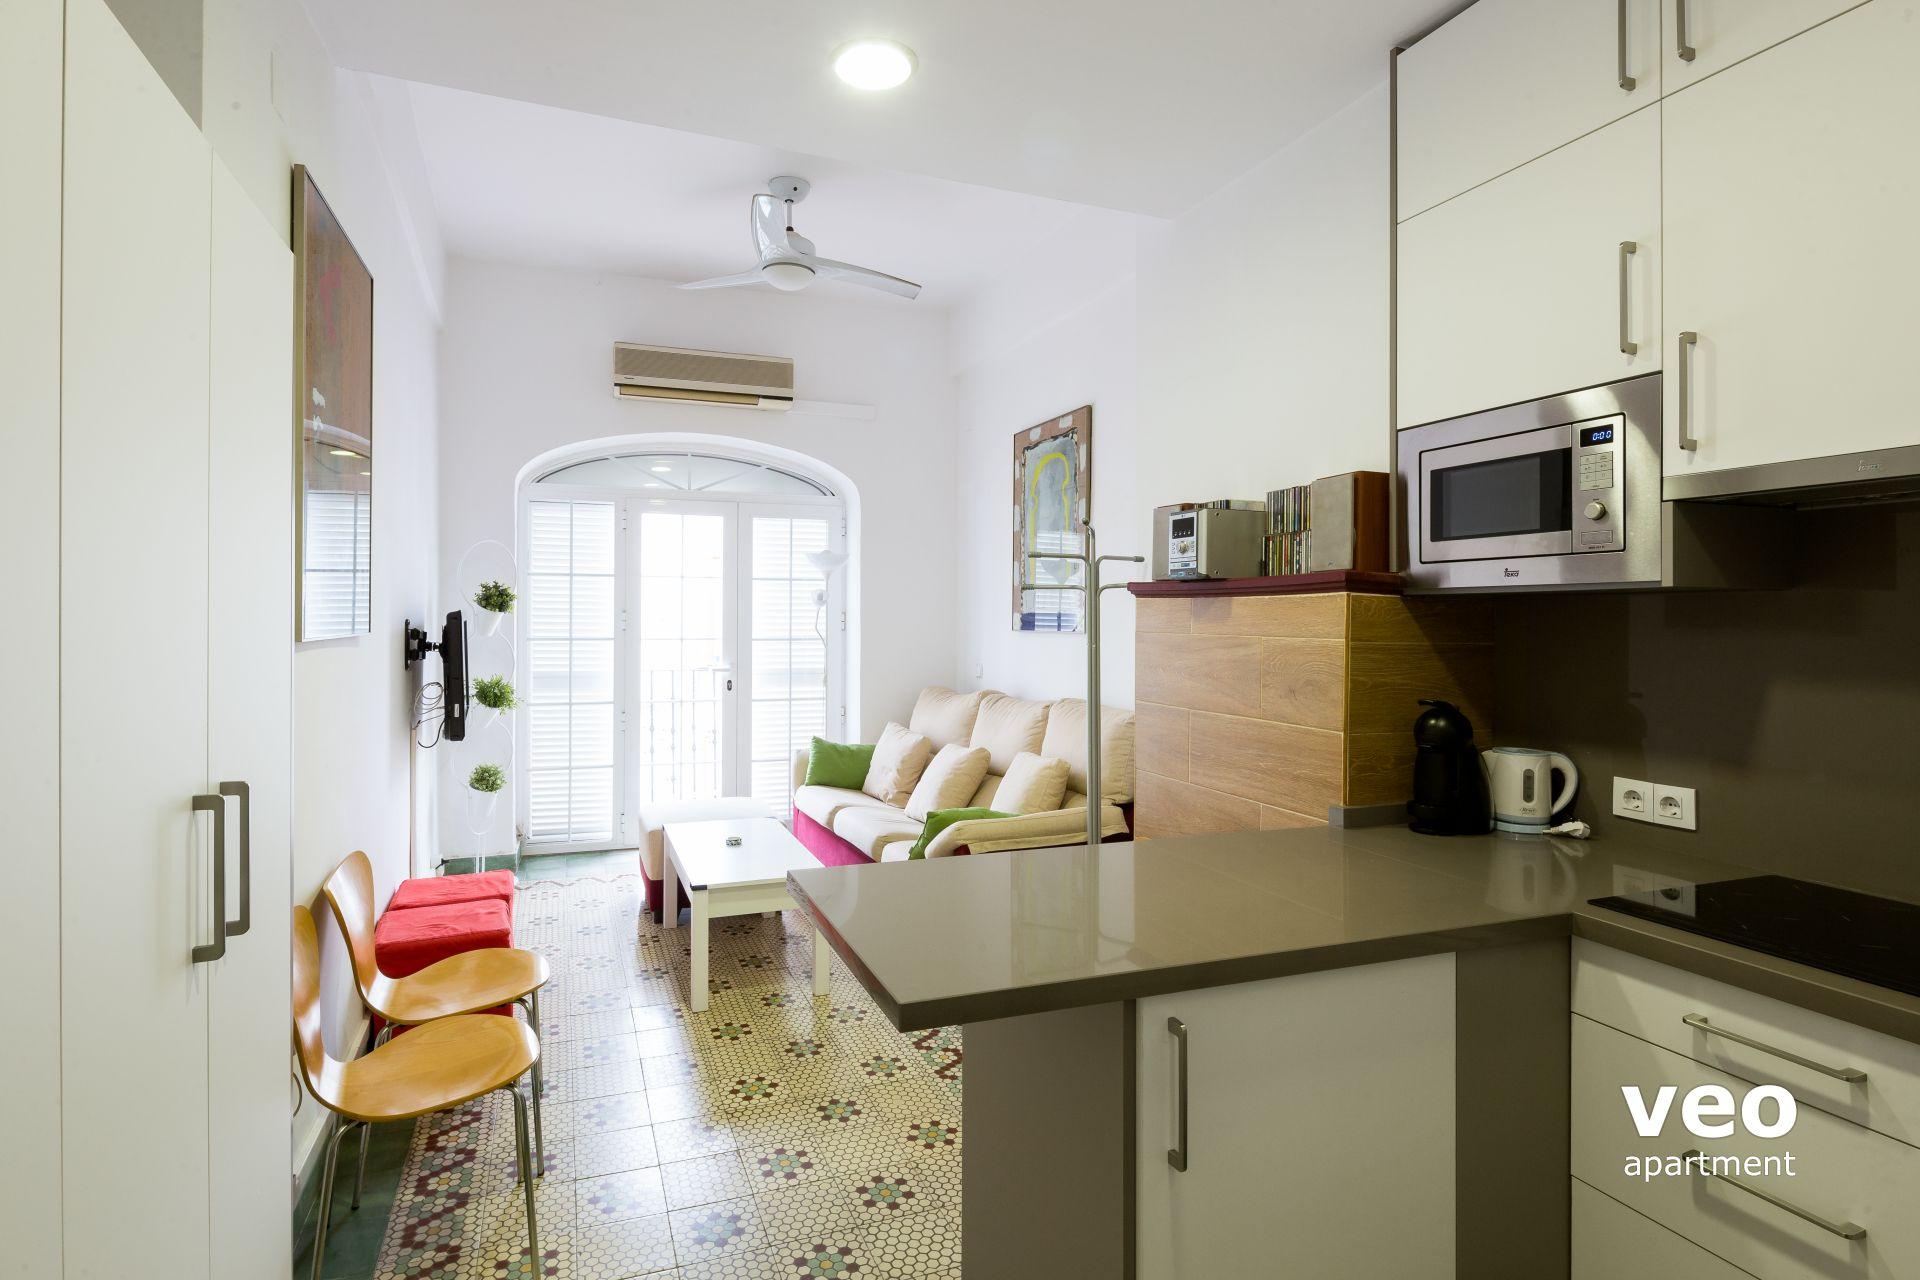 Apartment mieten Guadiana Strasse Sevilla Spanien   Guadiana ...